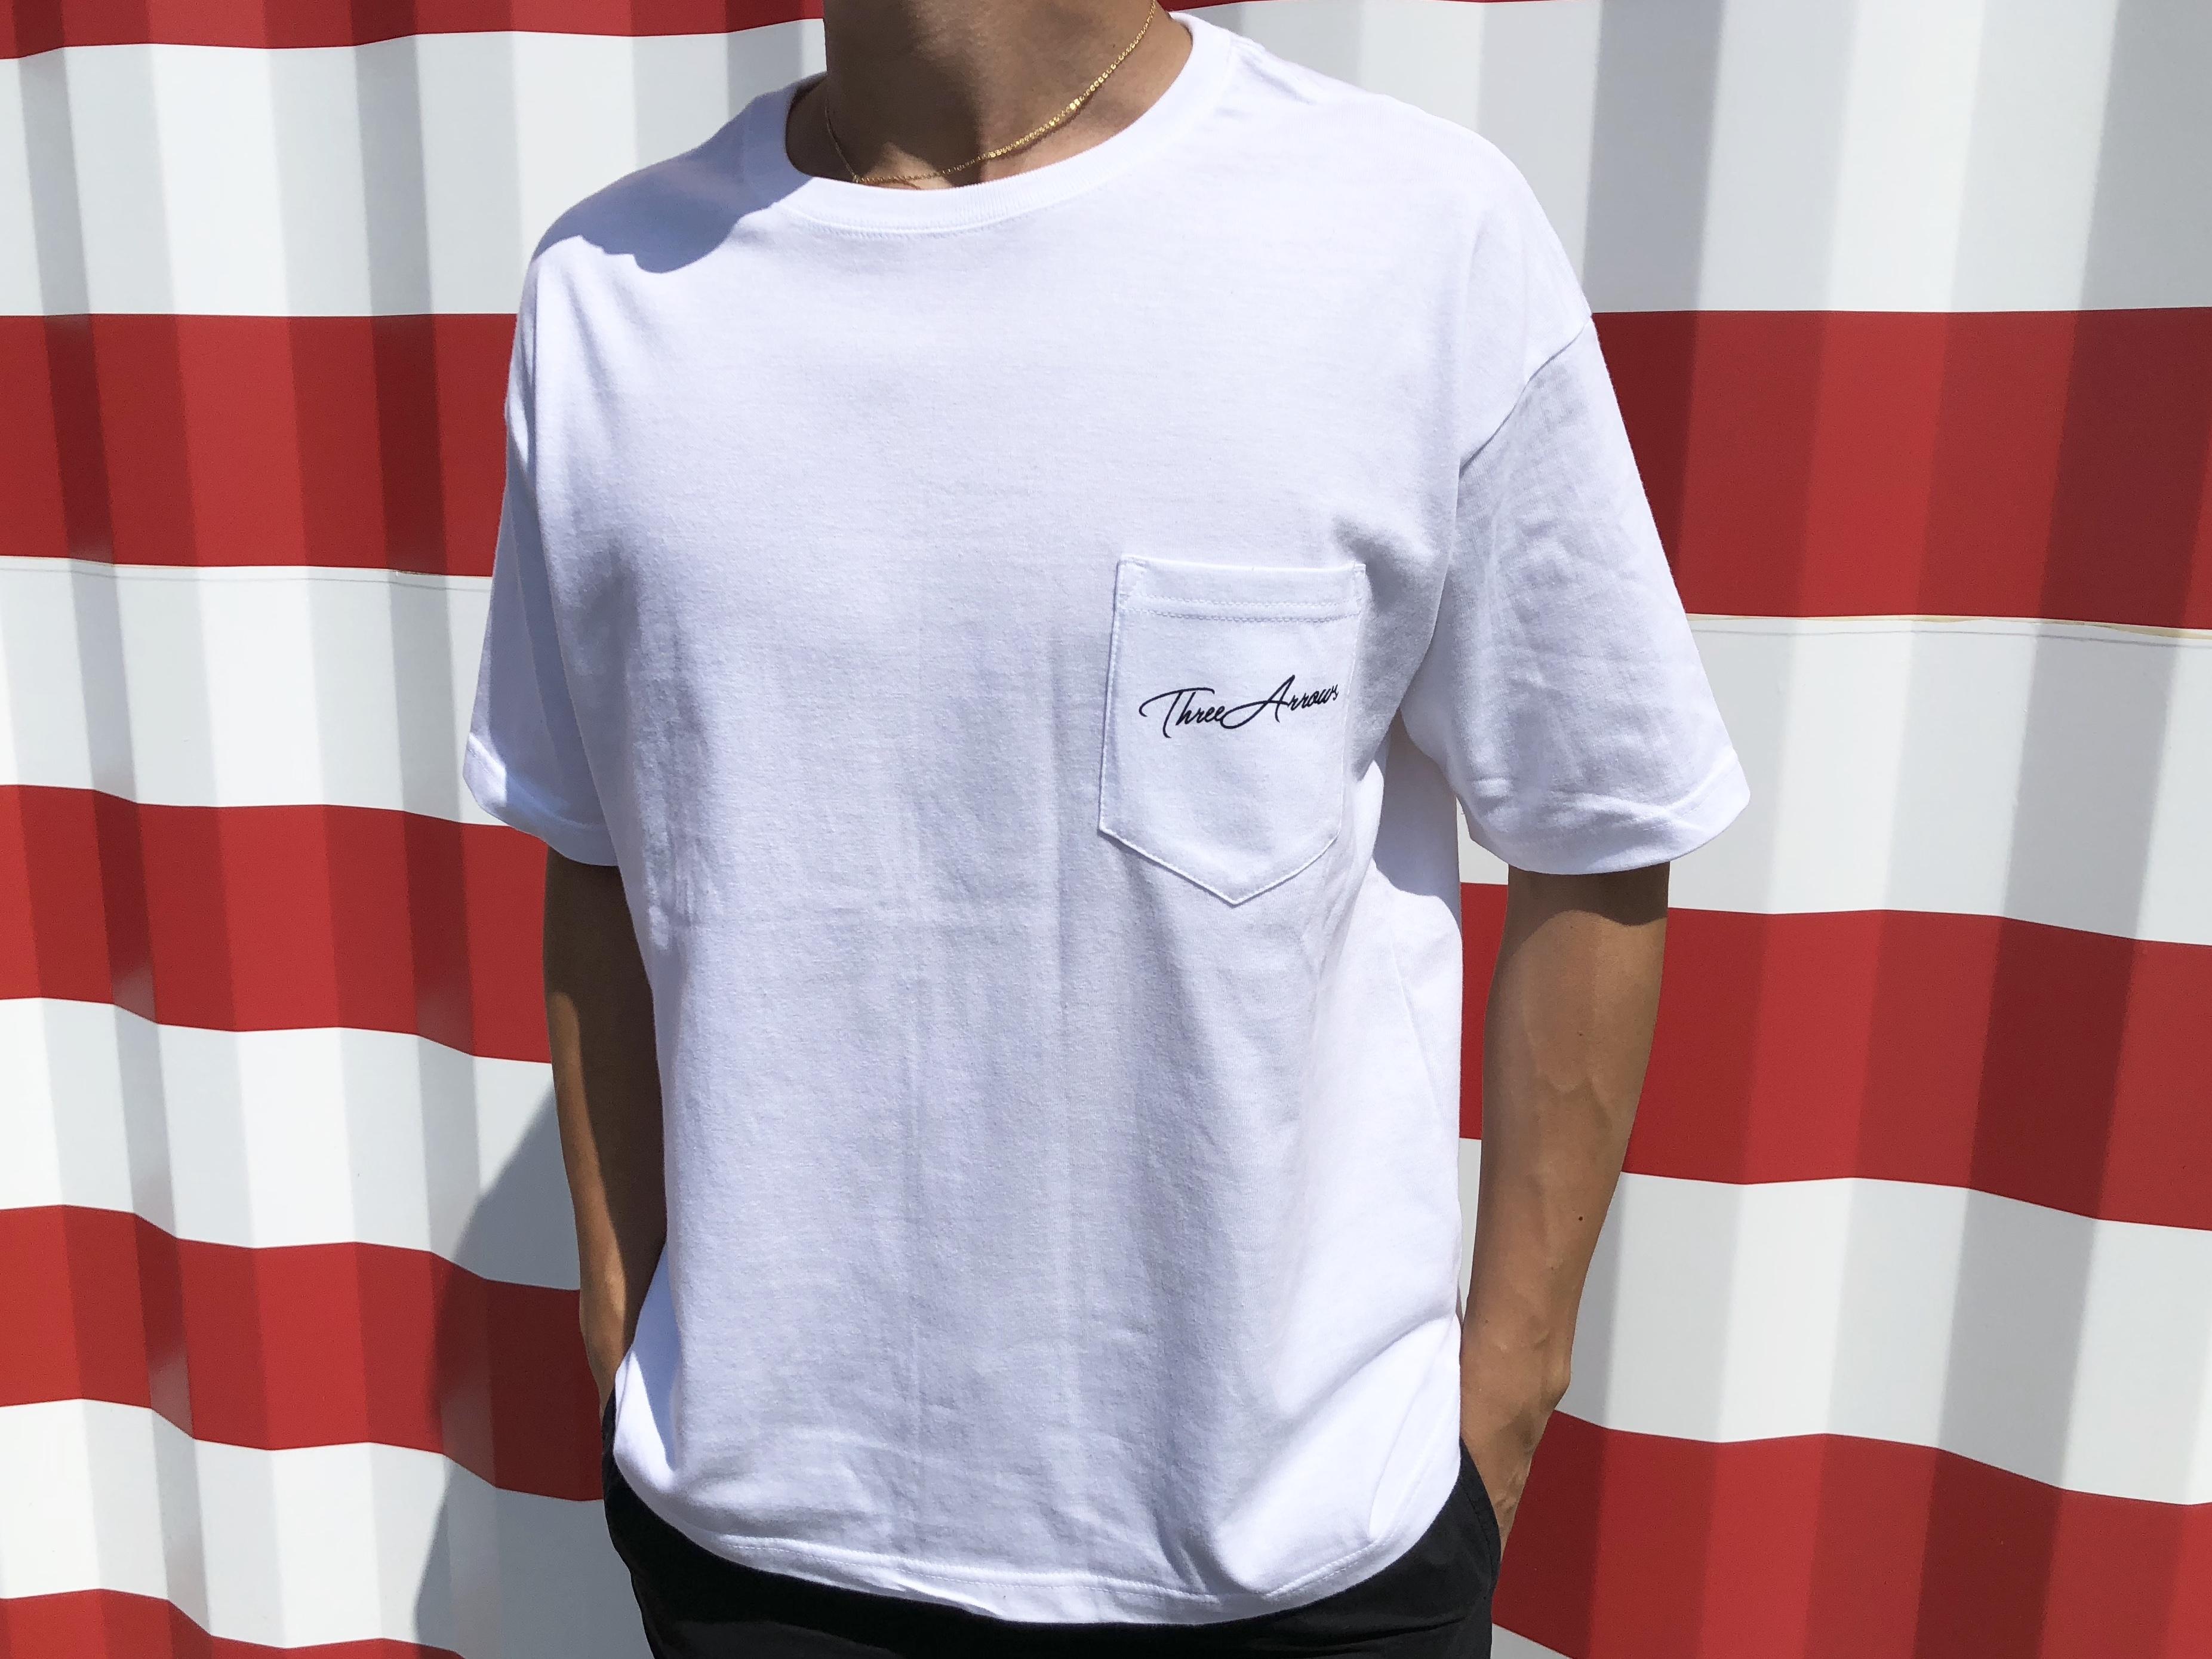 【7/10 21:00 Re stock】ThreeArrows ポケット付きBIGシルエットTシャツ(white)